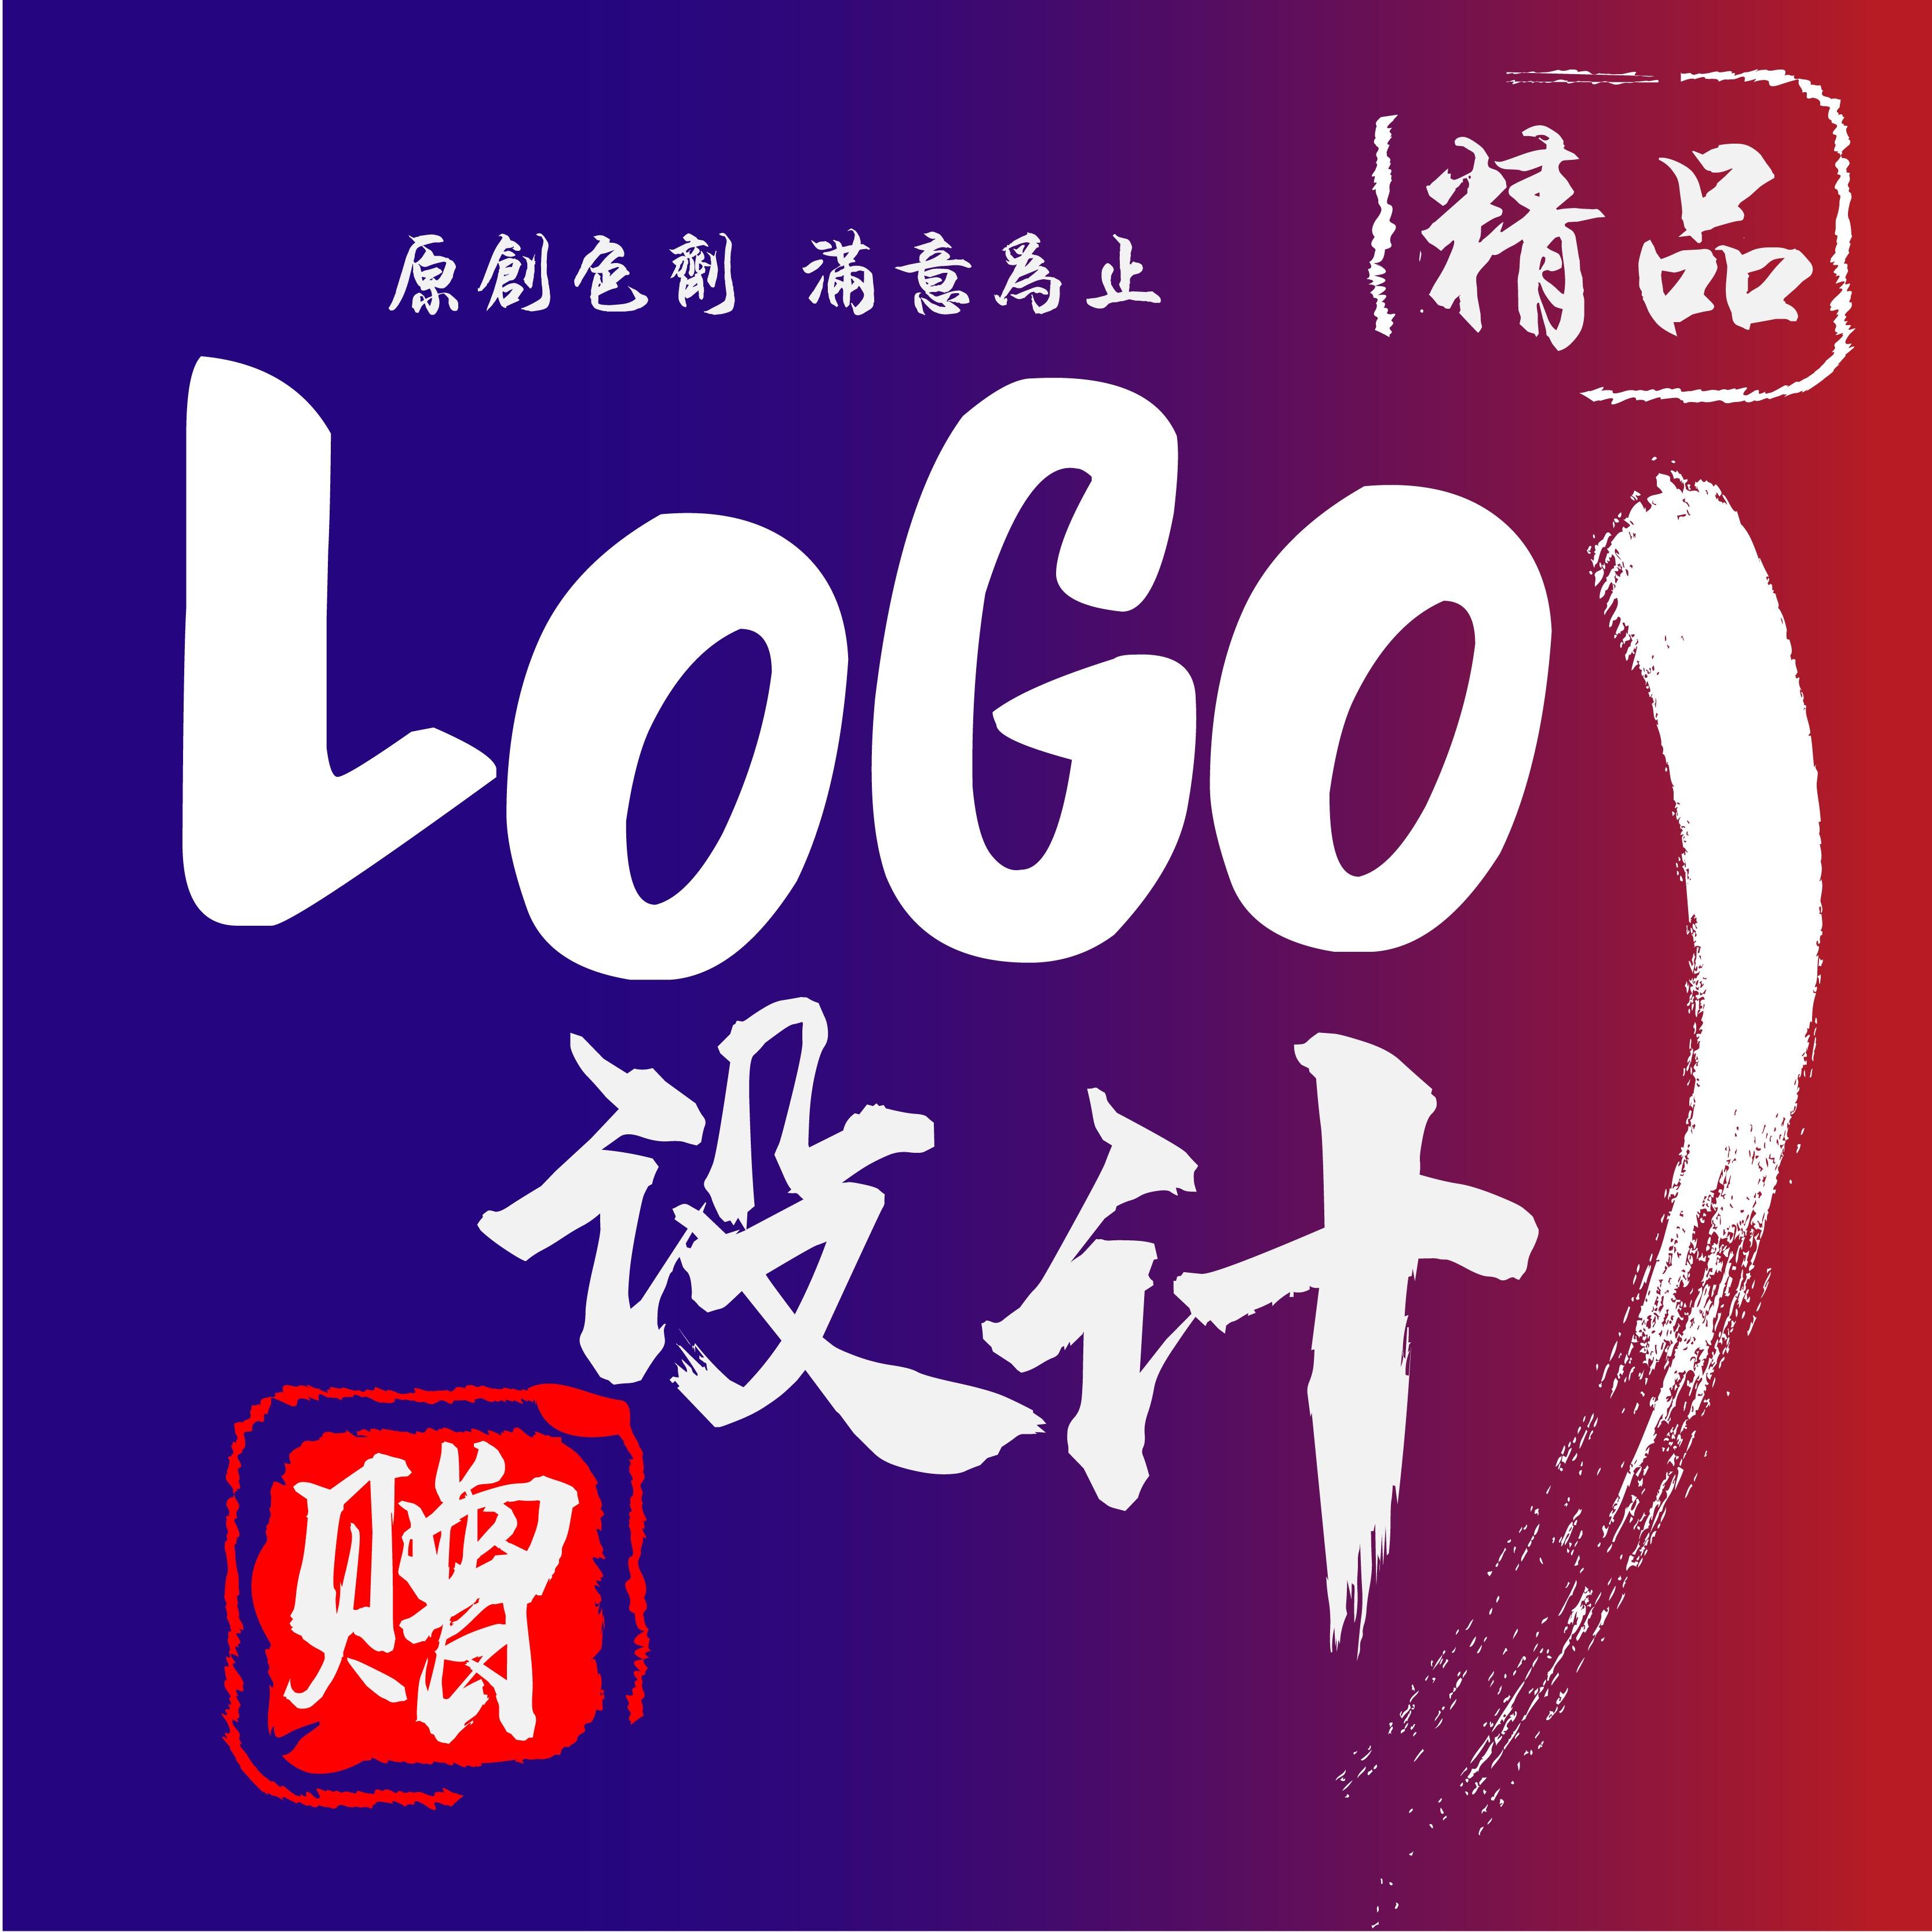 标志 设计 LOGO商标英文卡通logo字体 设计 餐饮科技公司动态